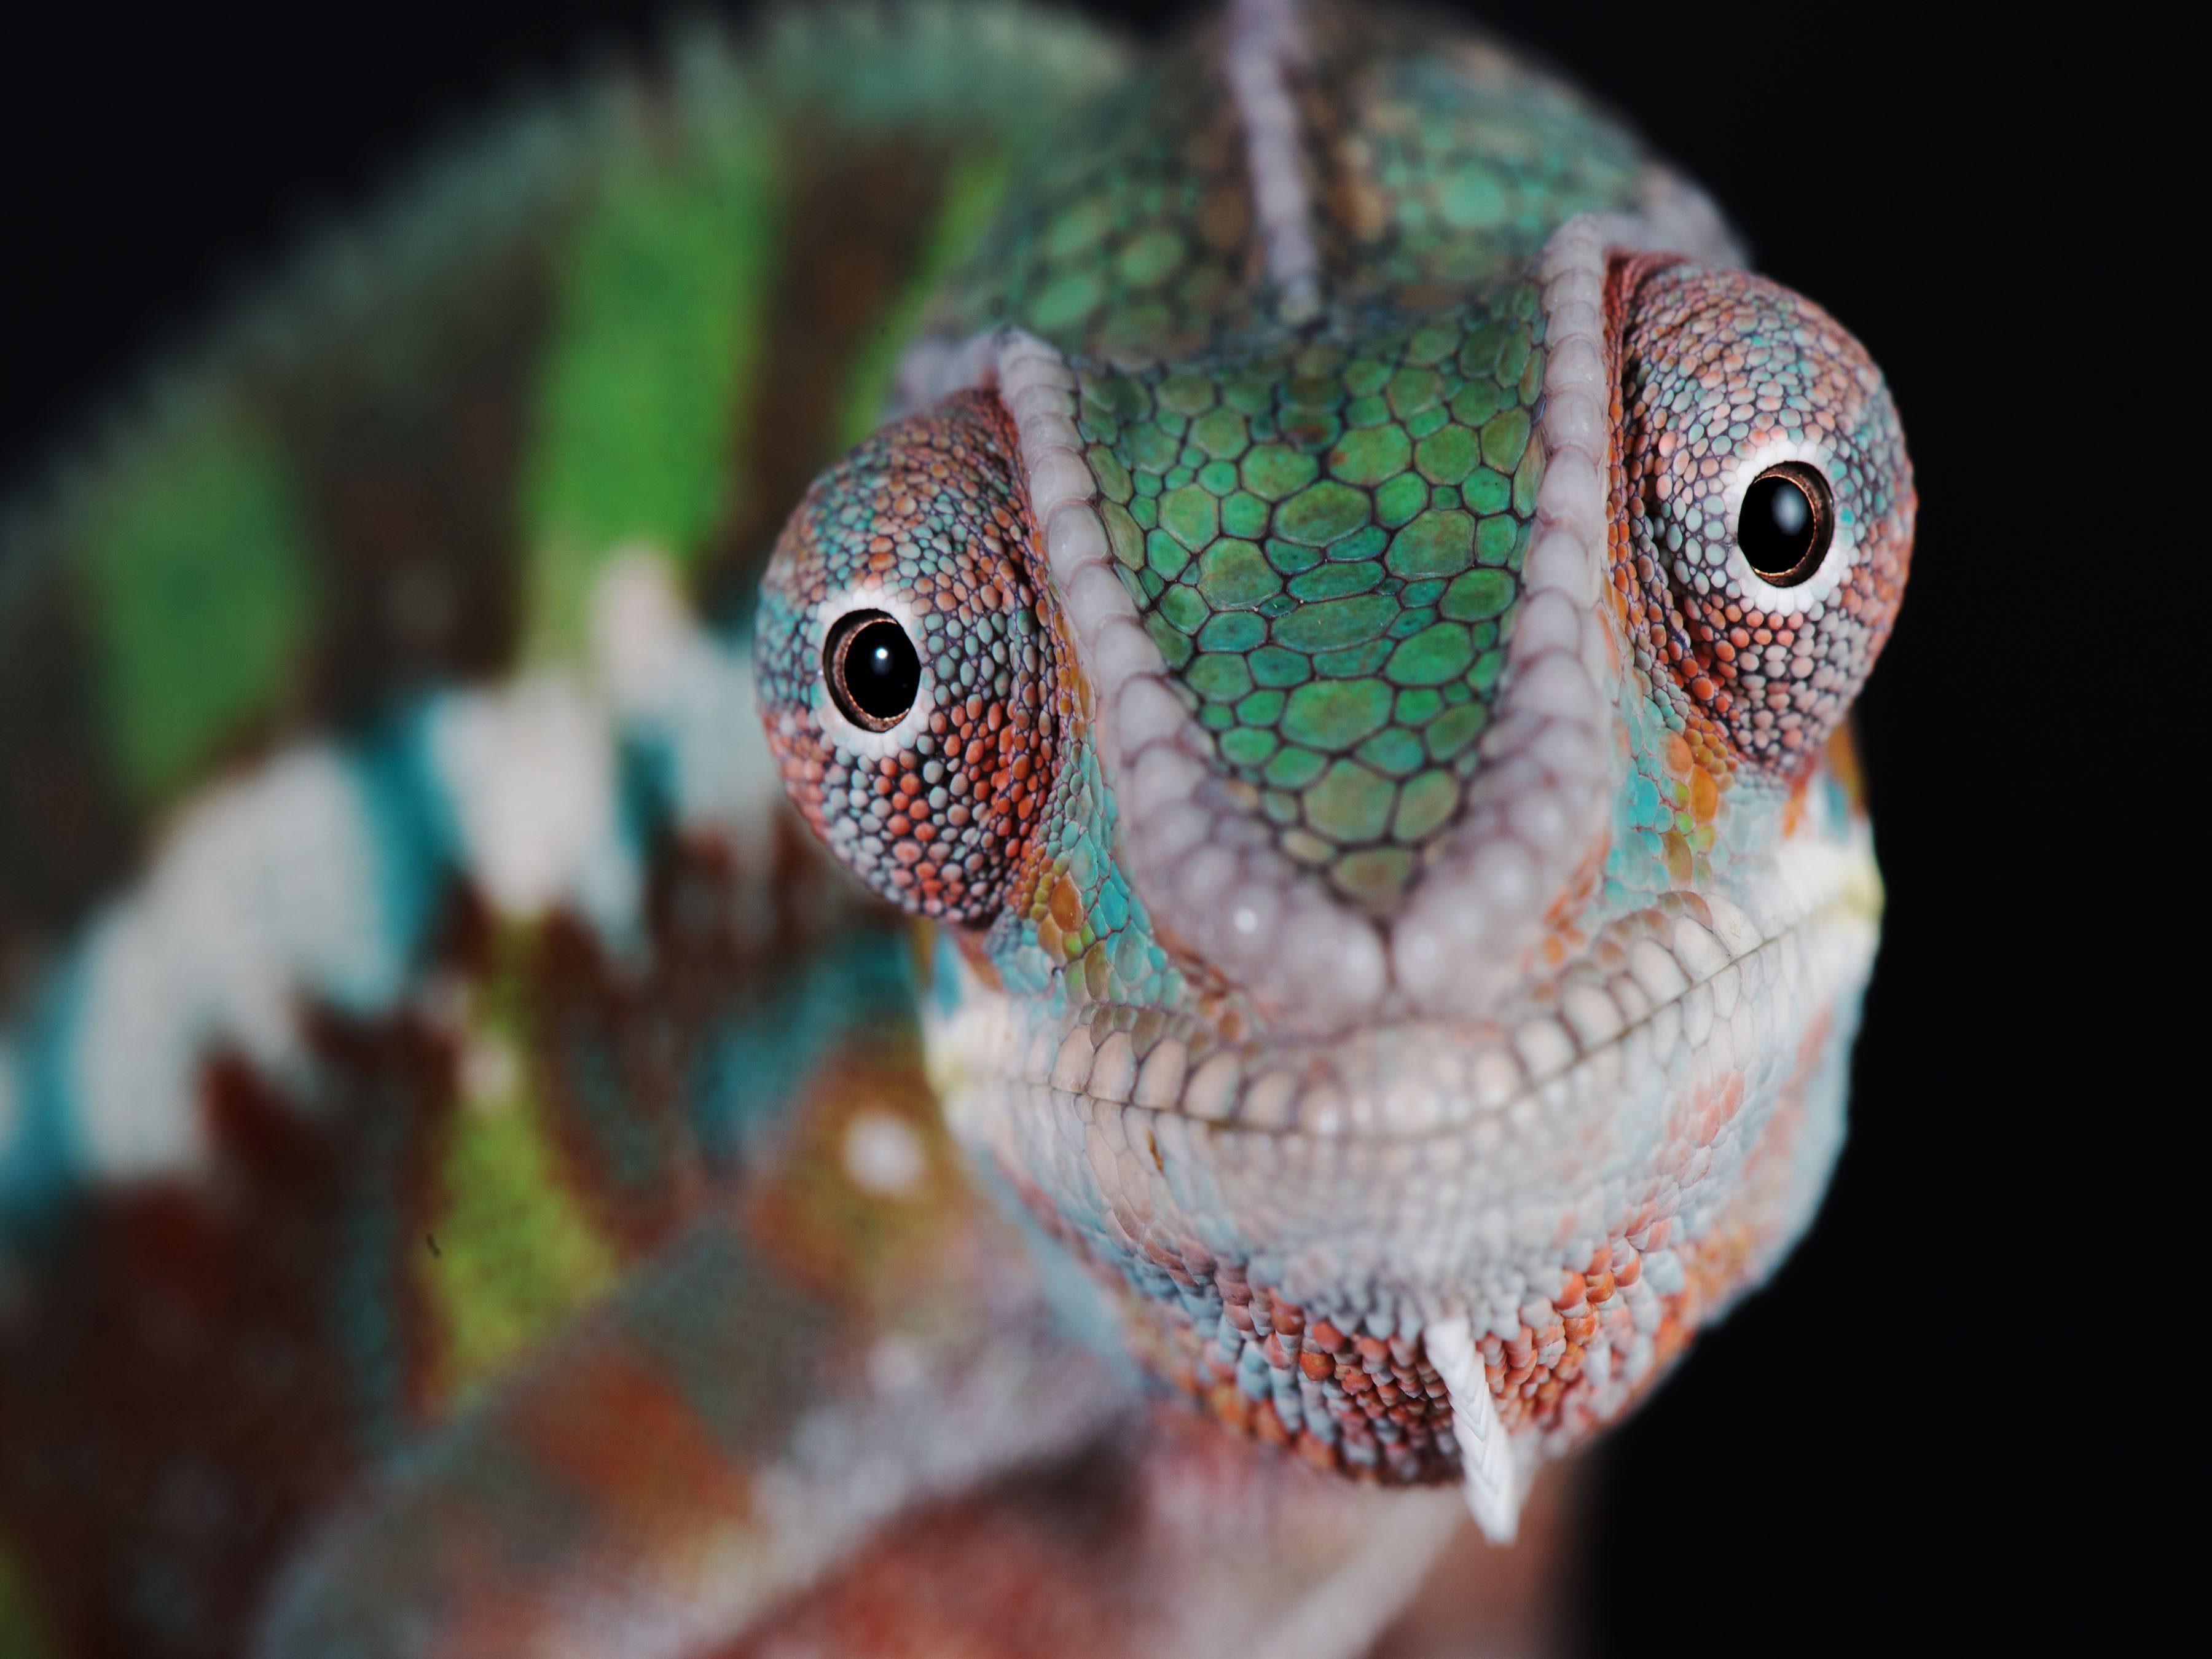 Chameleon smiling